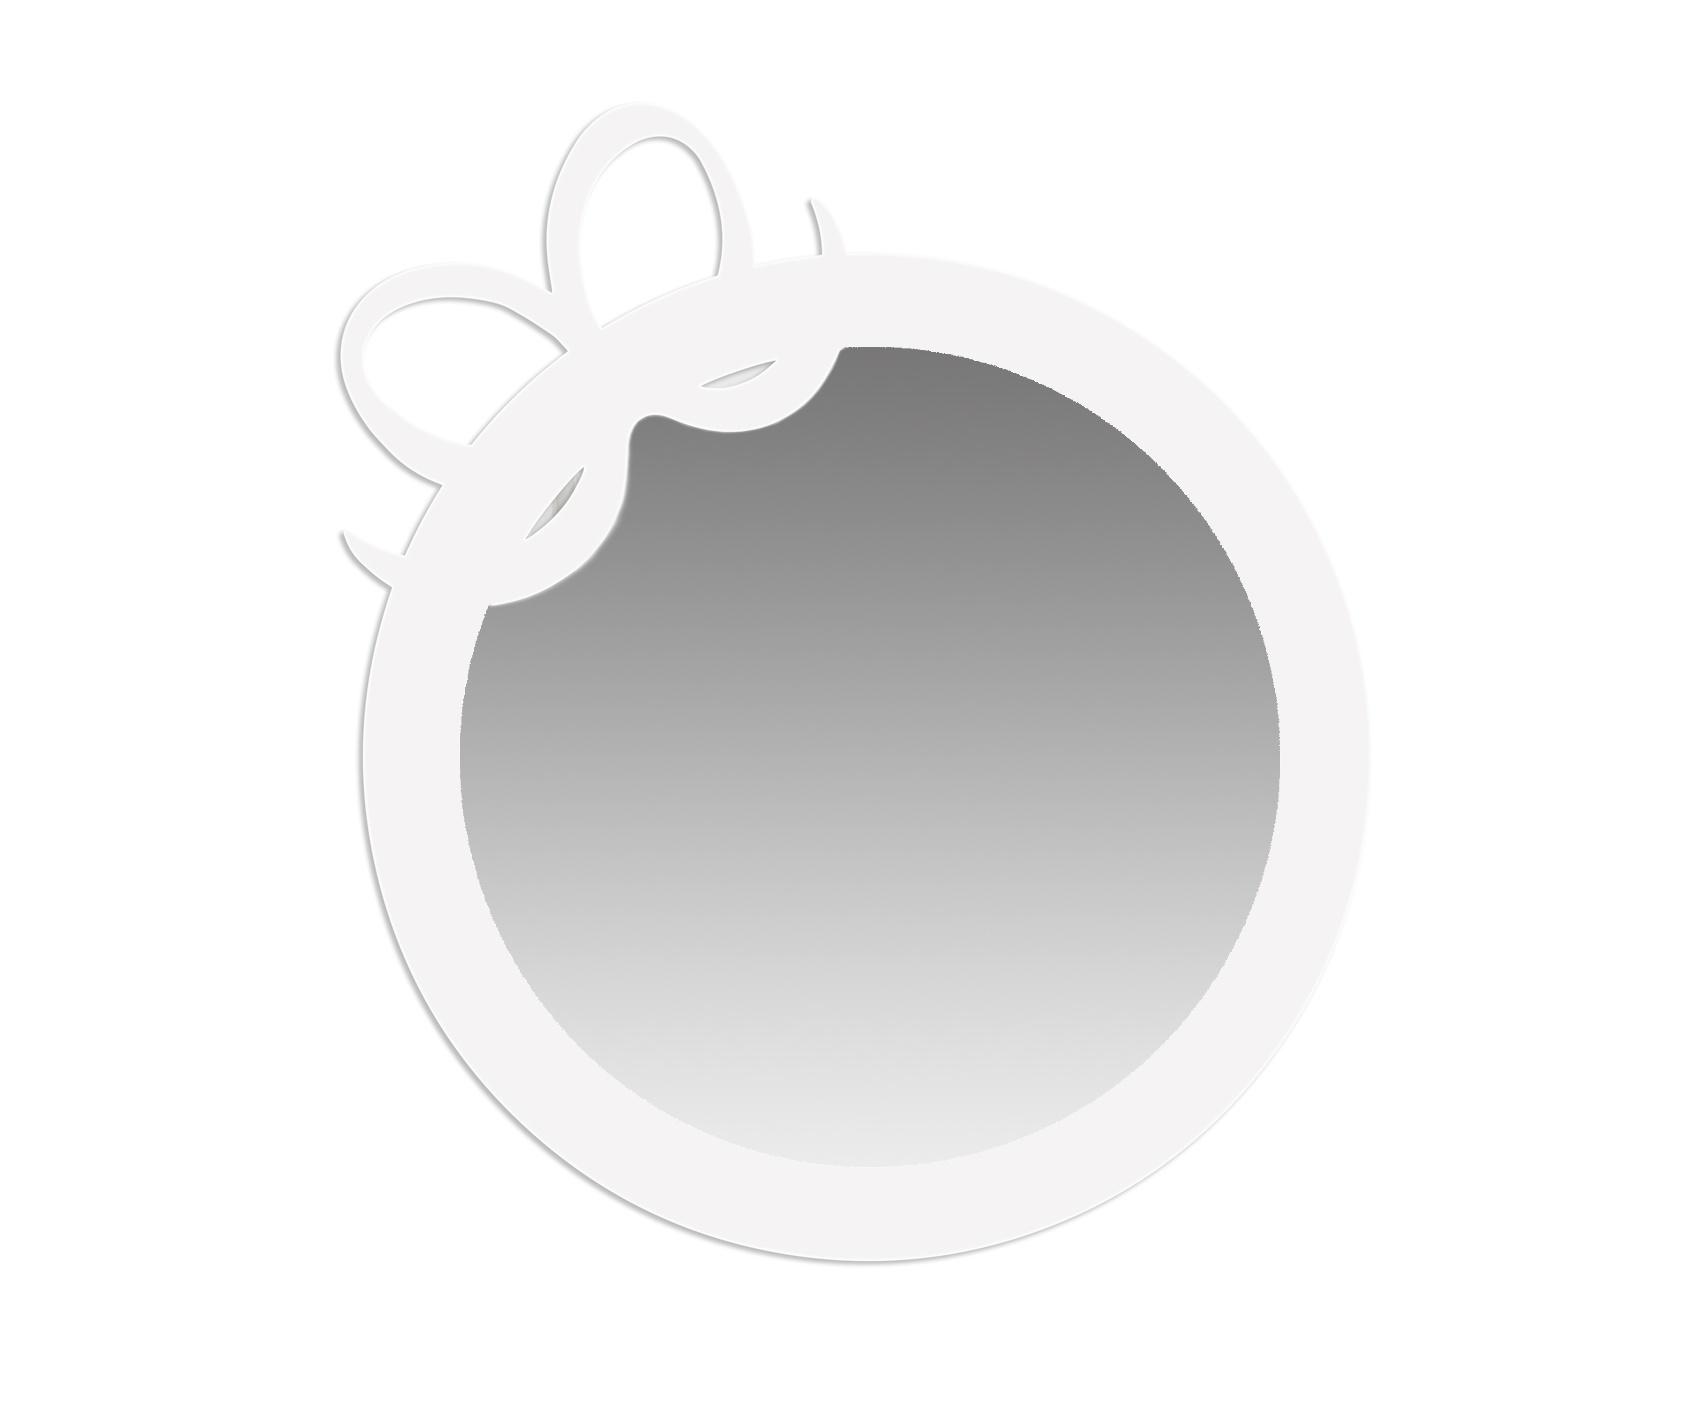 Зеркало RIBBONНастенные зеркала<br>Поощряйте самопознание и повышайте самооценку Ваших маленьких, с этим очаровательным зеркалом, в форме бантика. Зеркало RIBBON станет настоящим украшением комнаты девочки. <br>Настенное зеркало RIBBON выполнено в минималистическом стиле и легко комбинируется с другими предметами мебели.<br><br>Material: Сталь<br>Ширина см: 52<br>Высота см: 43